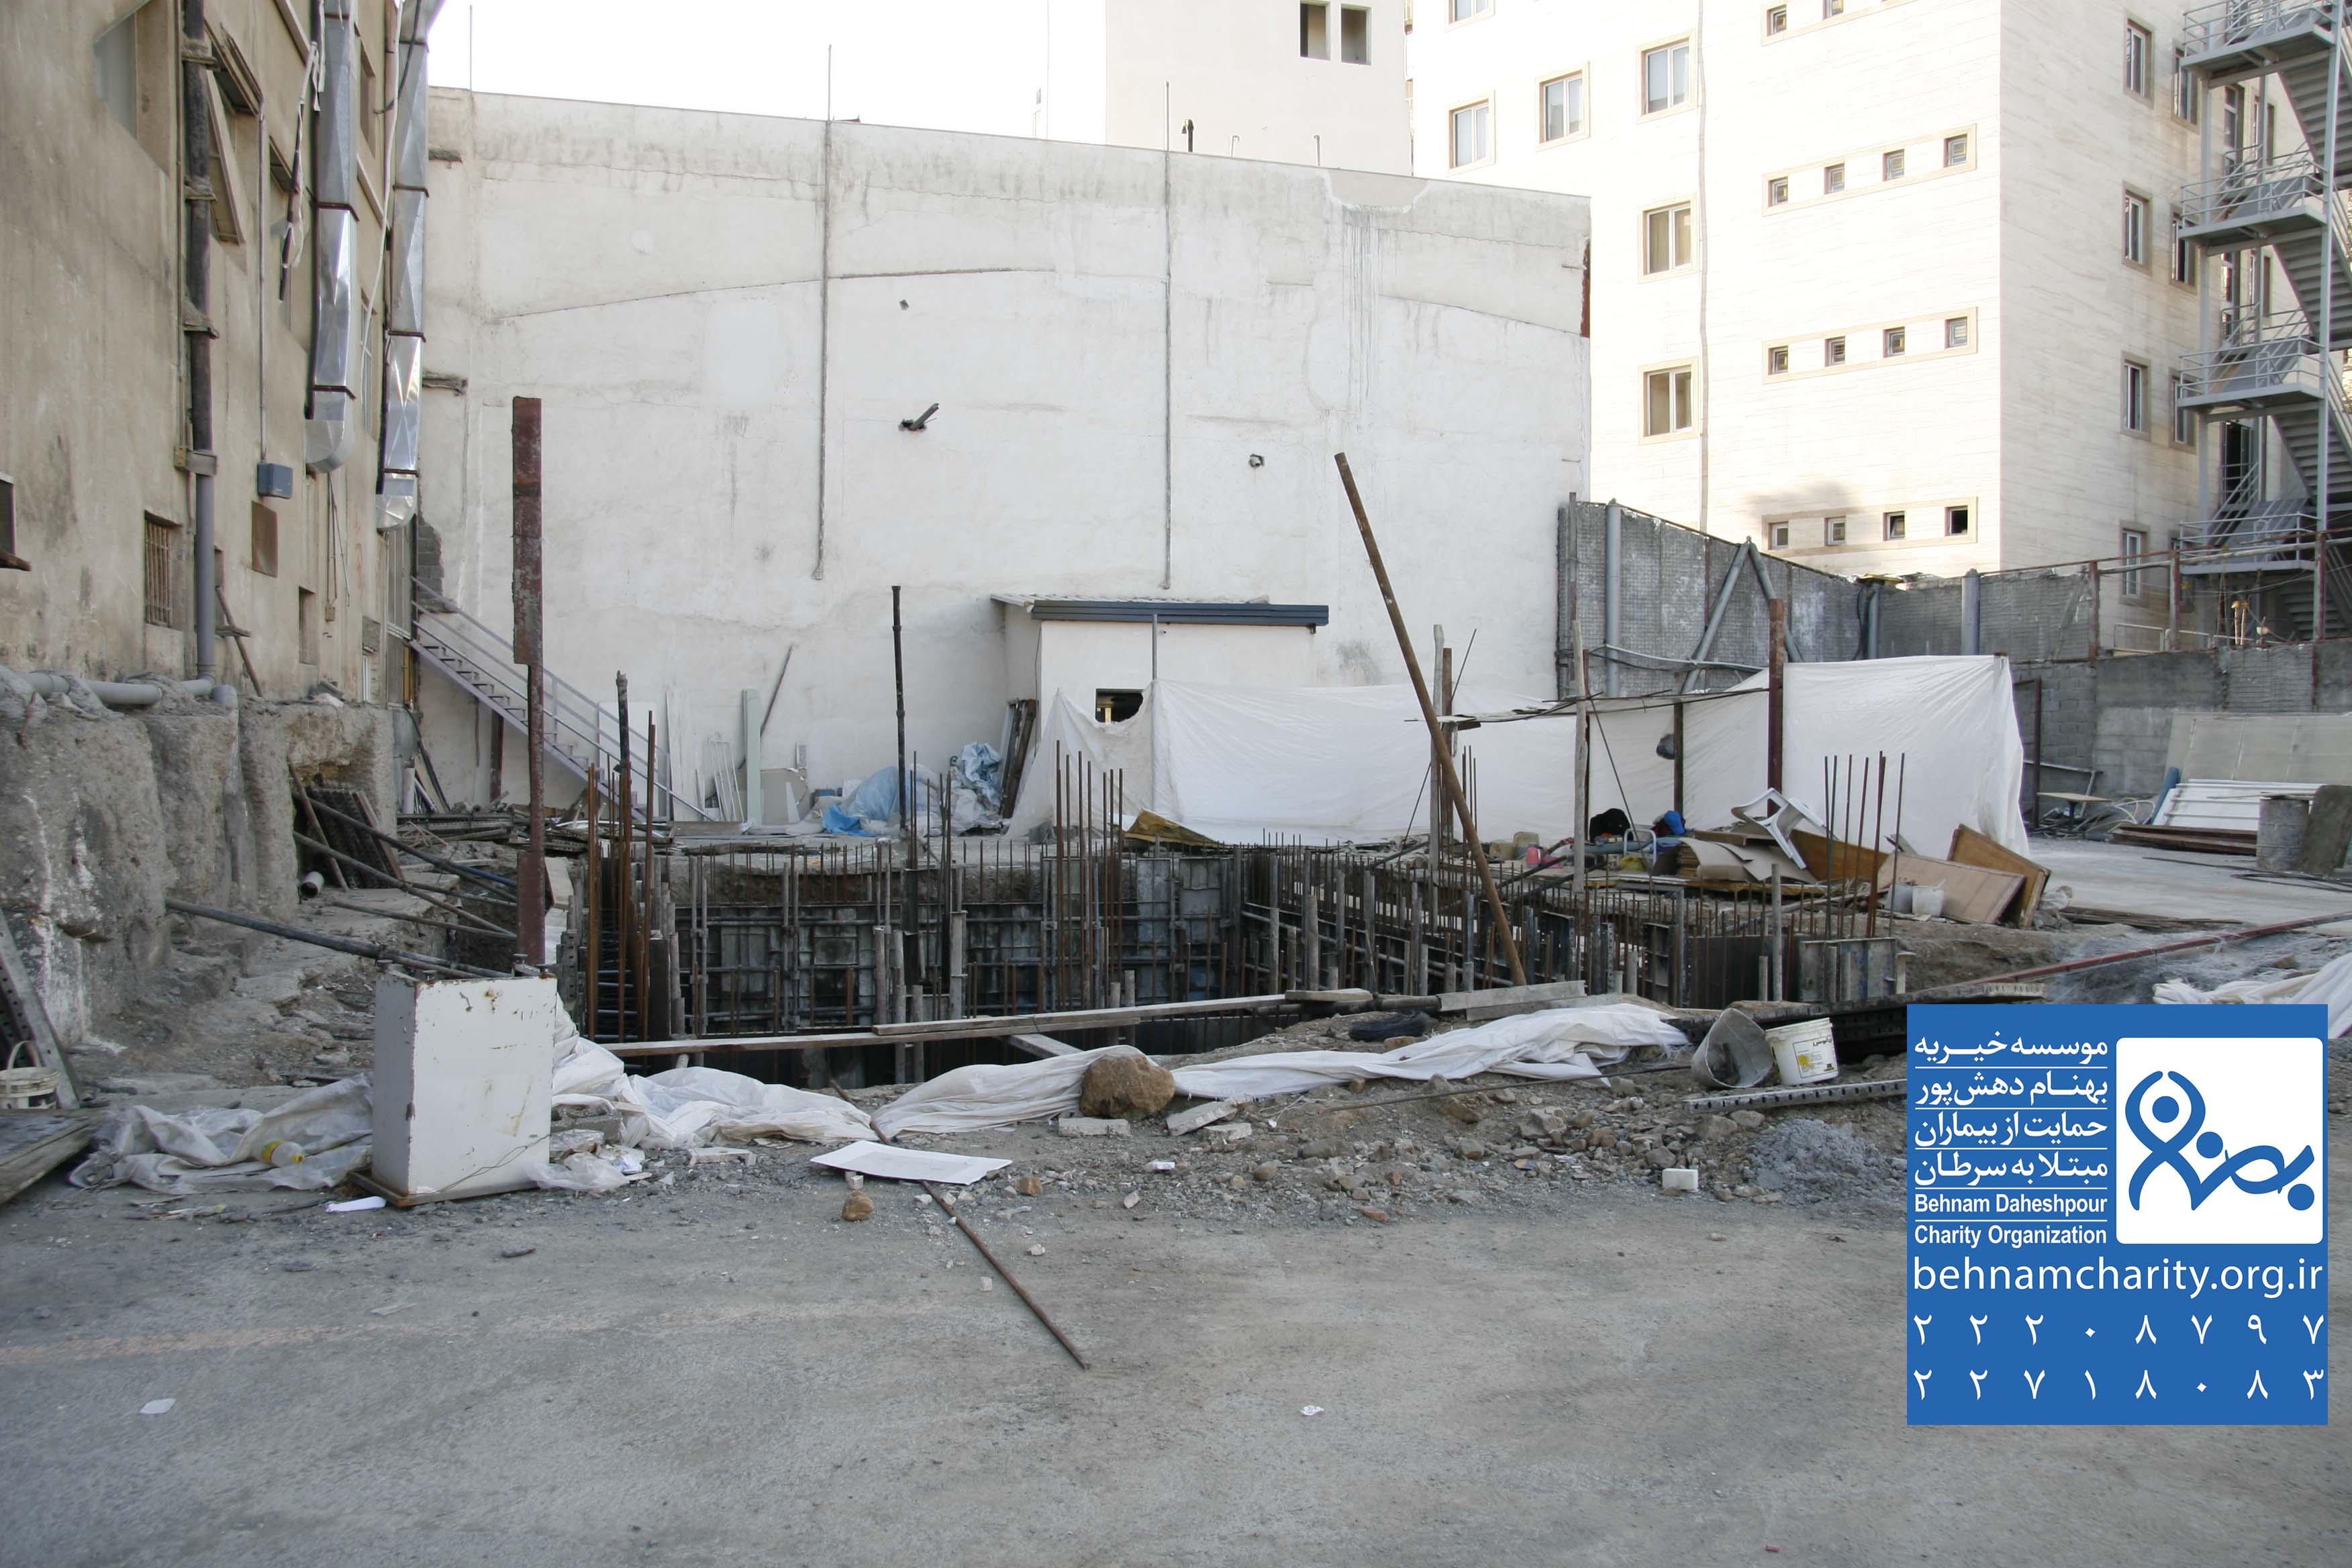 امحای زباله بیمارستانی